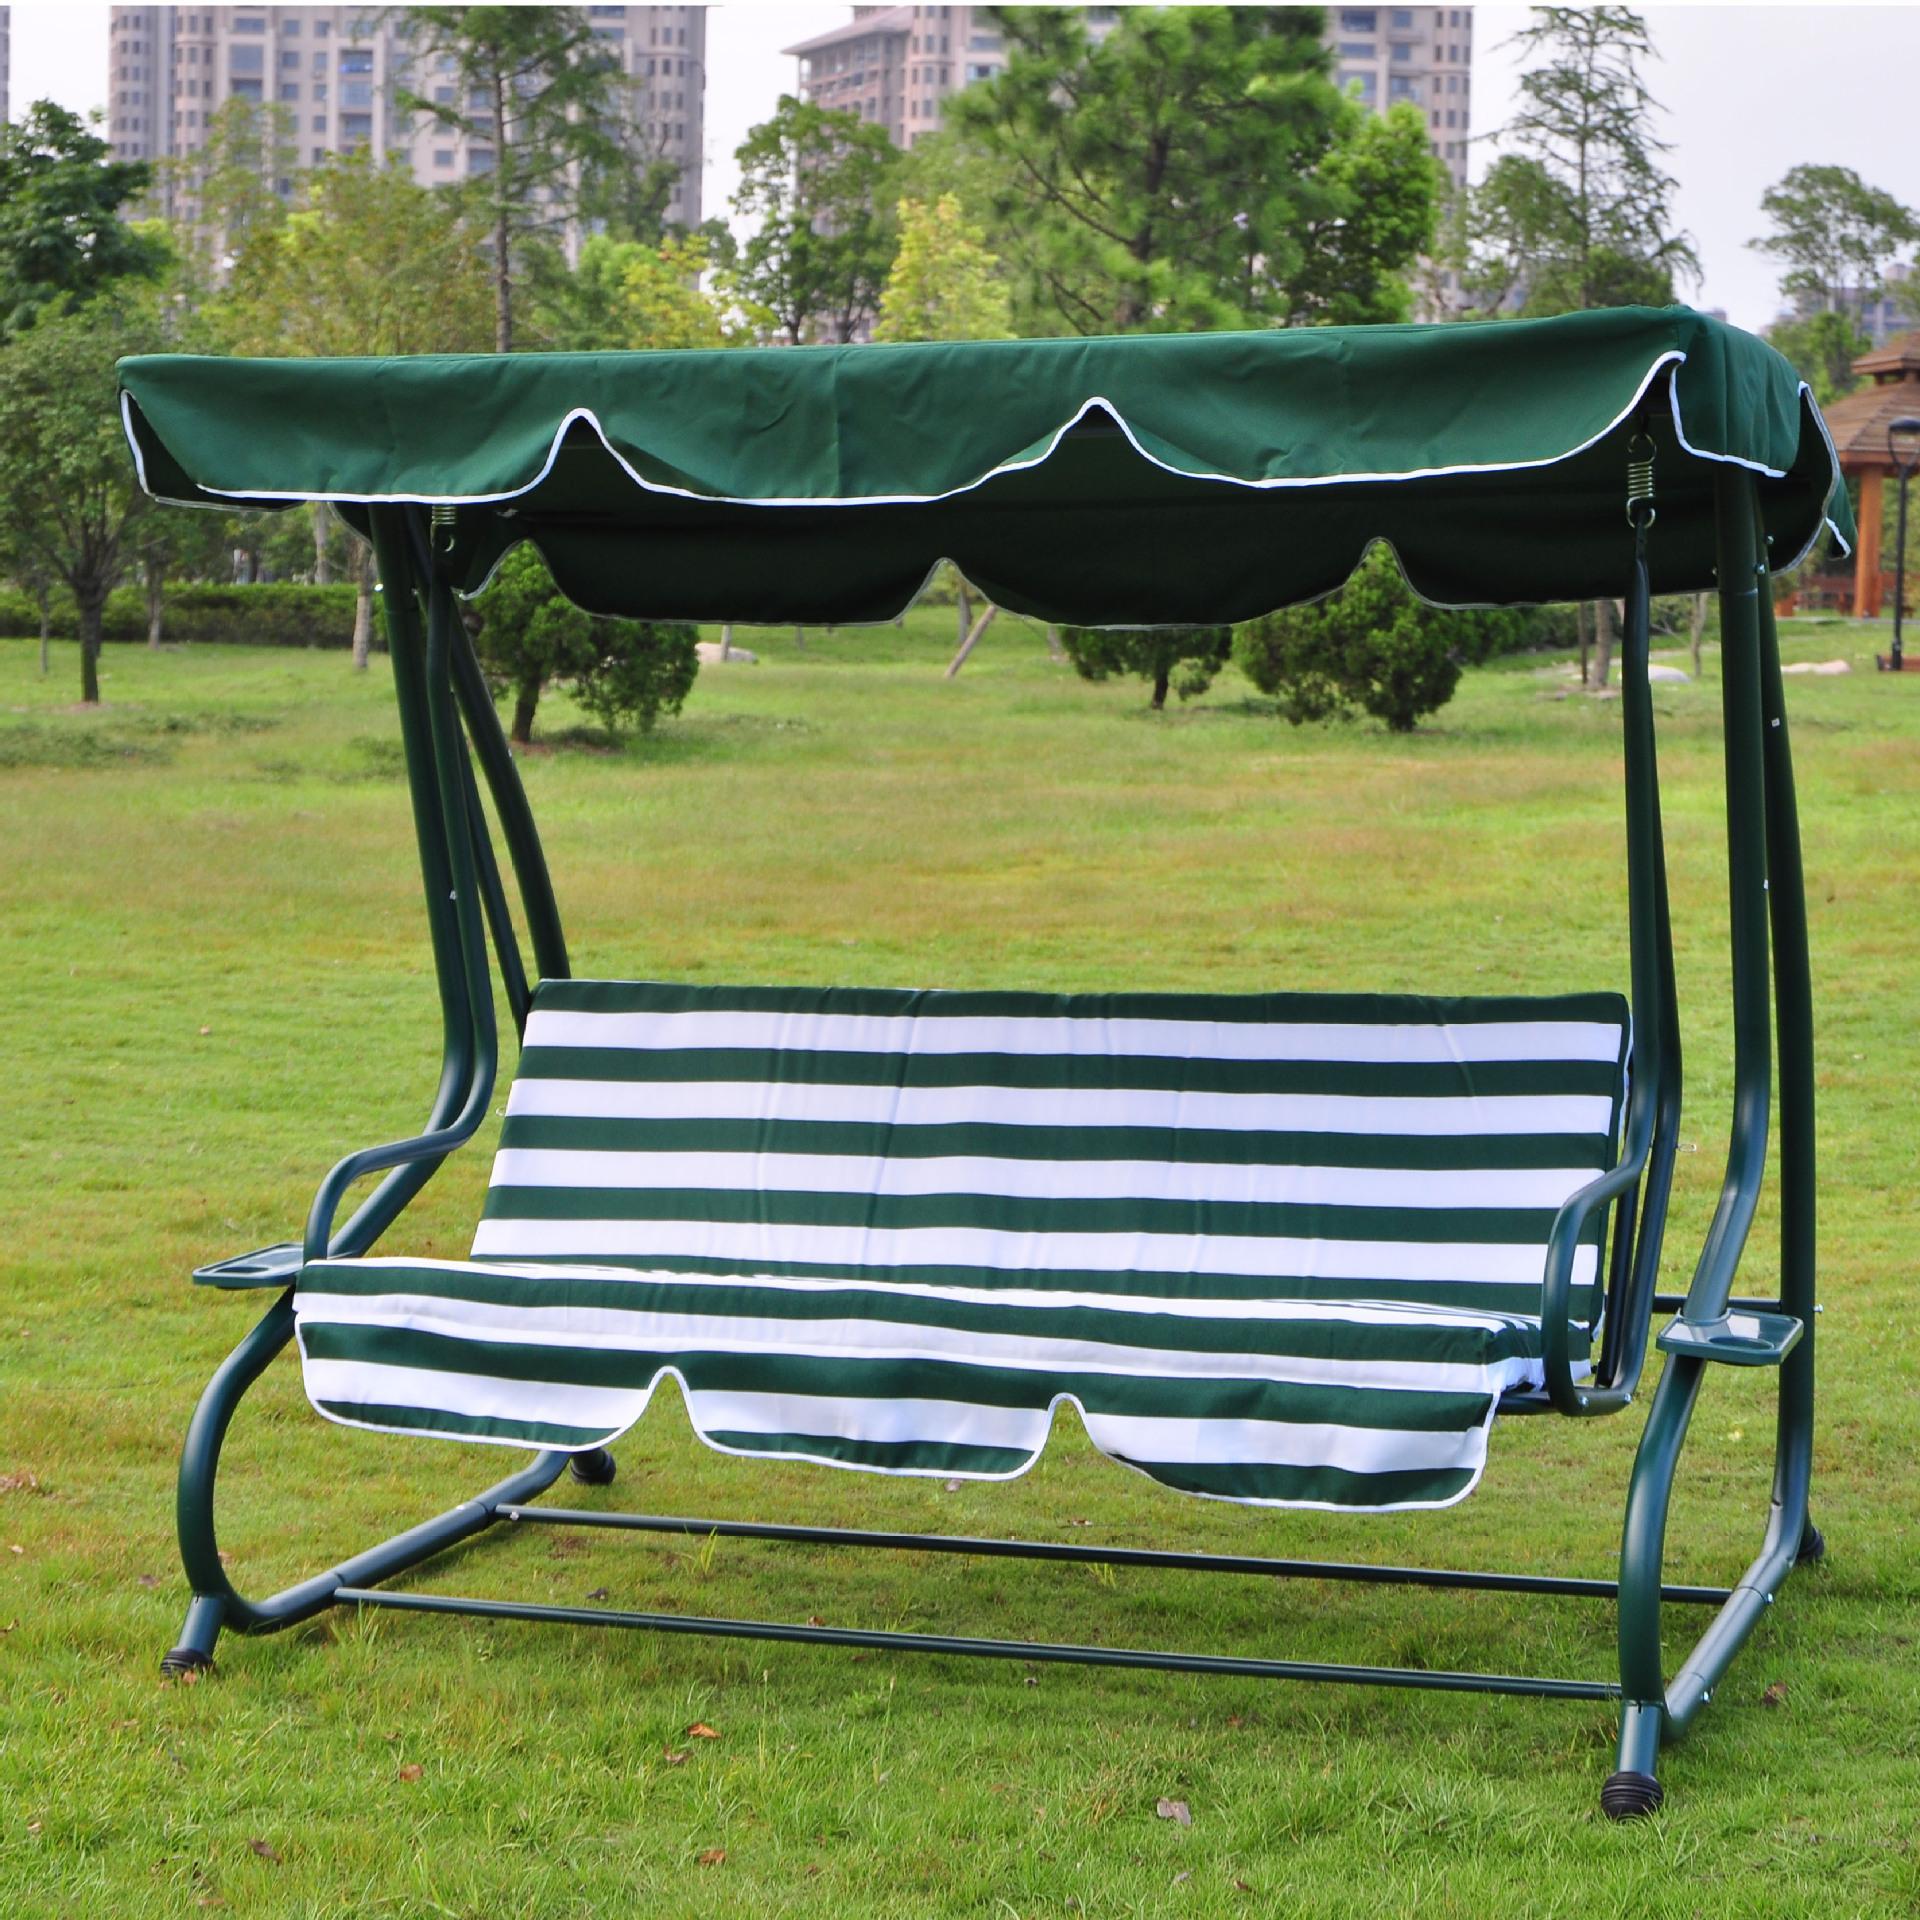 户外绿白条三人秋千吊床椅/花园/庭院休闲椅/秋千/座面可放平图片